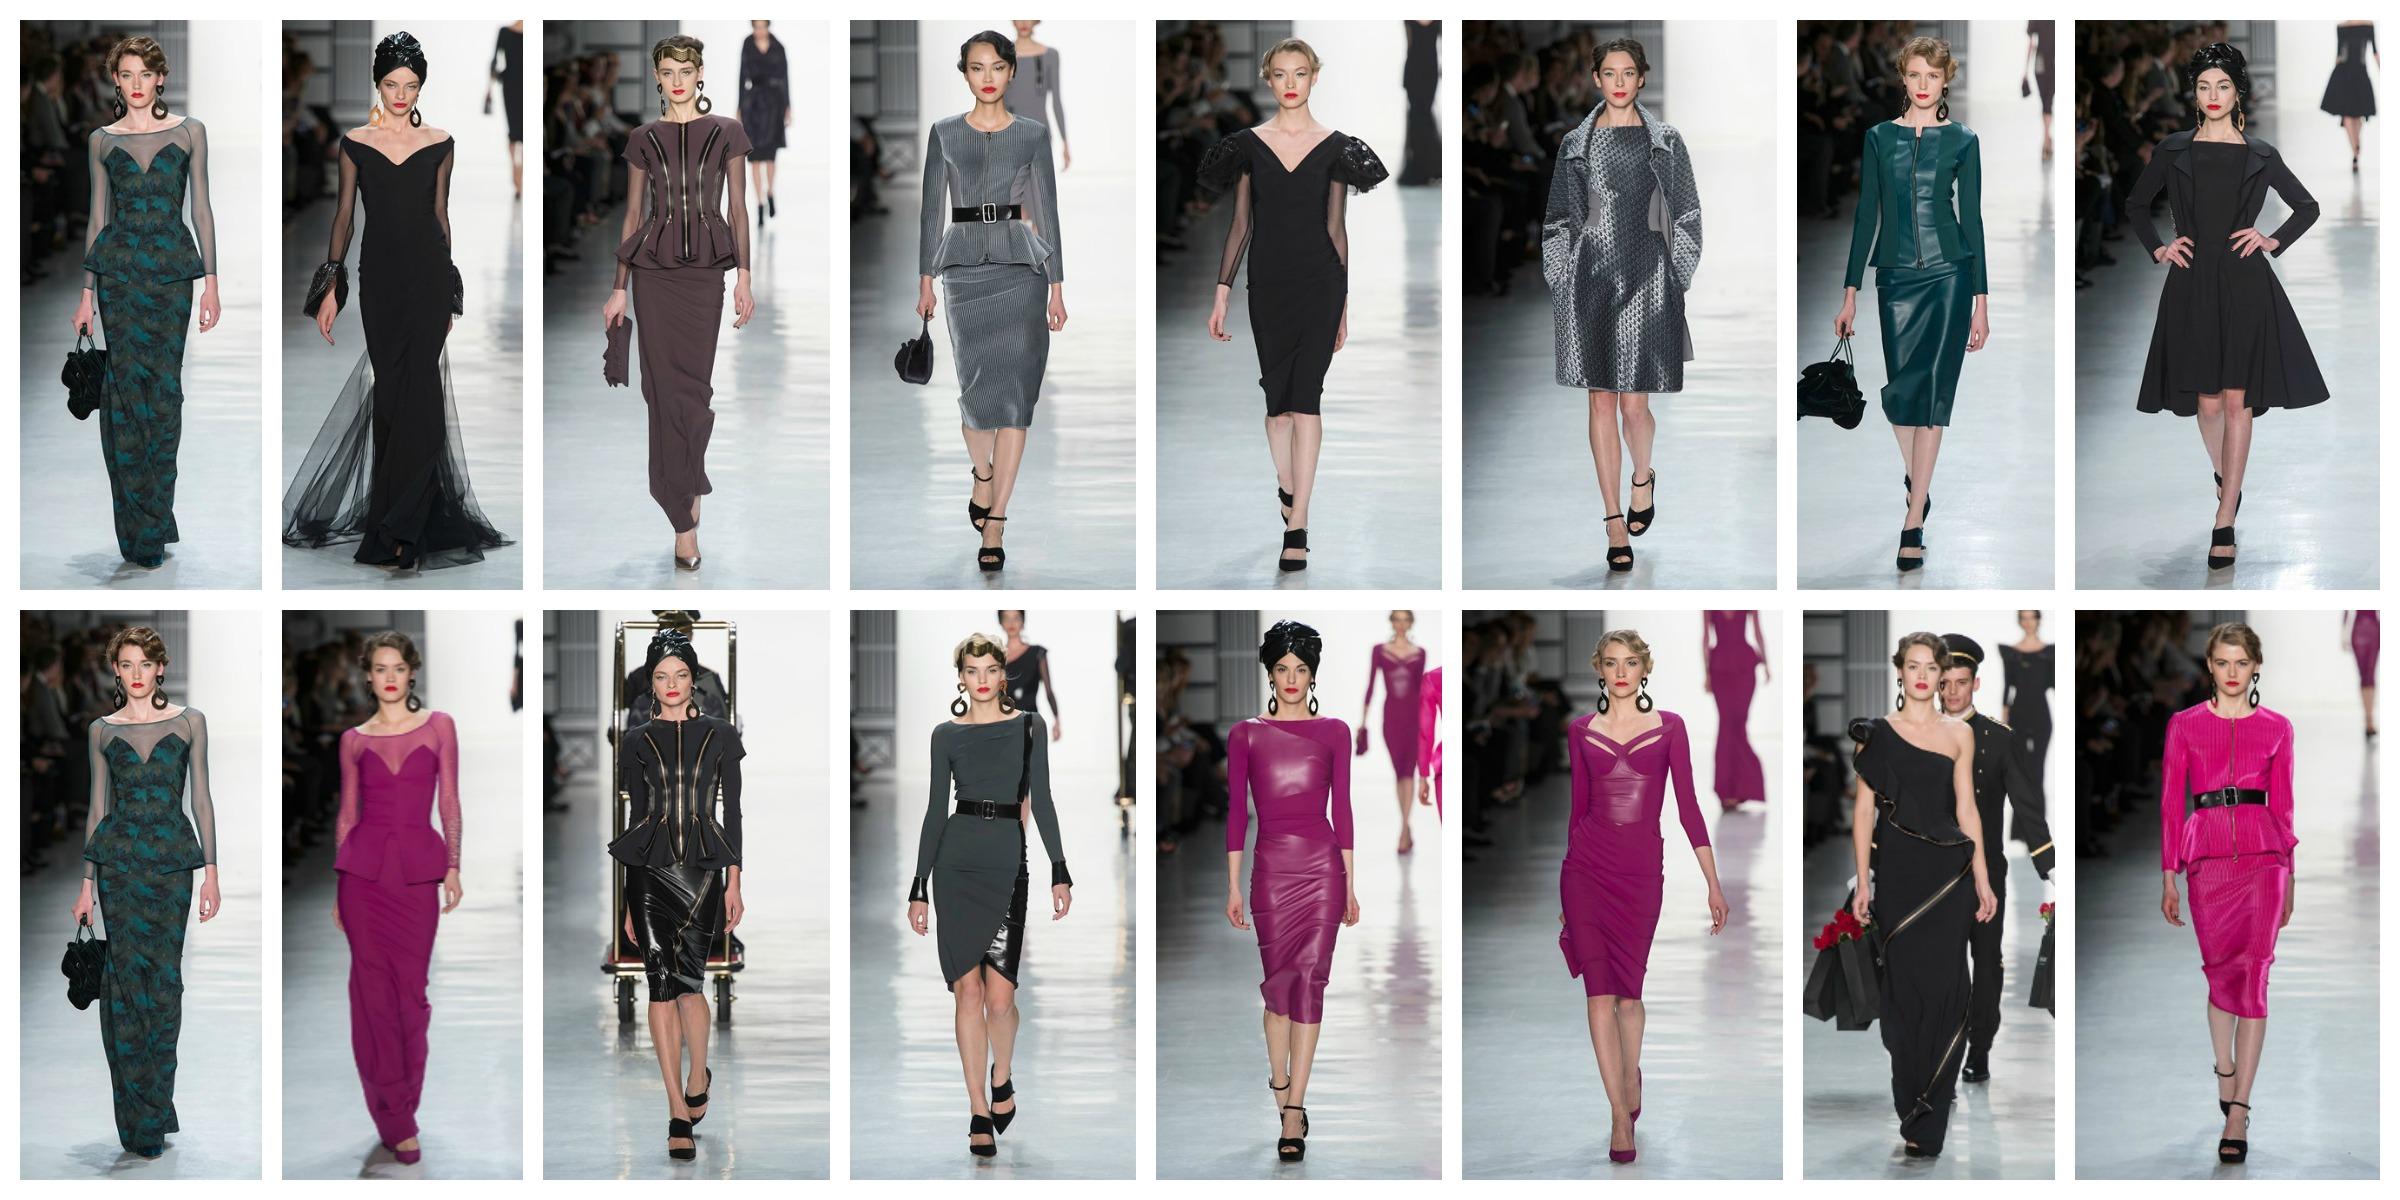 Chiara Boni nyfw moda donna 2017/18